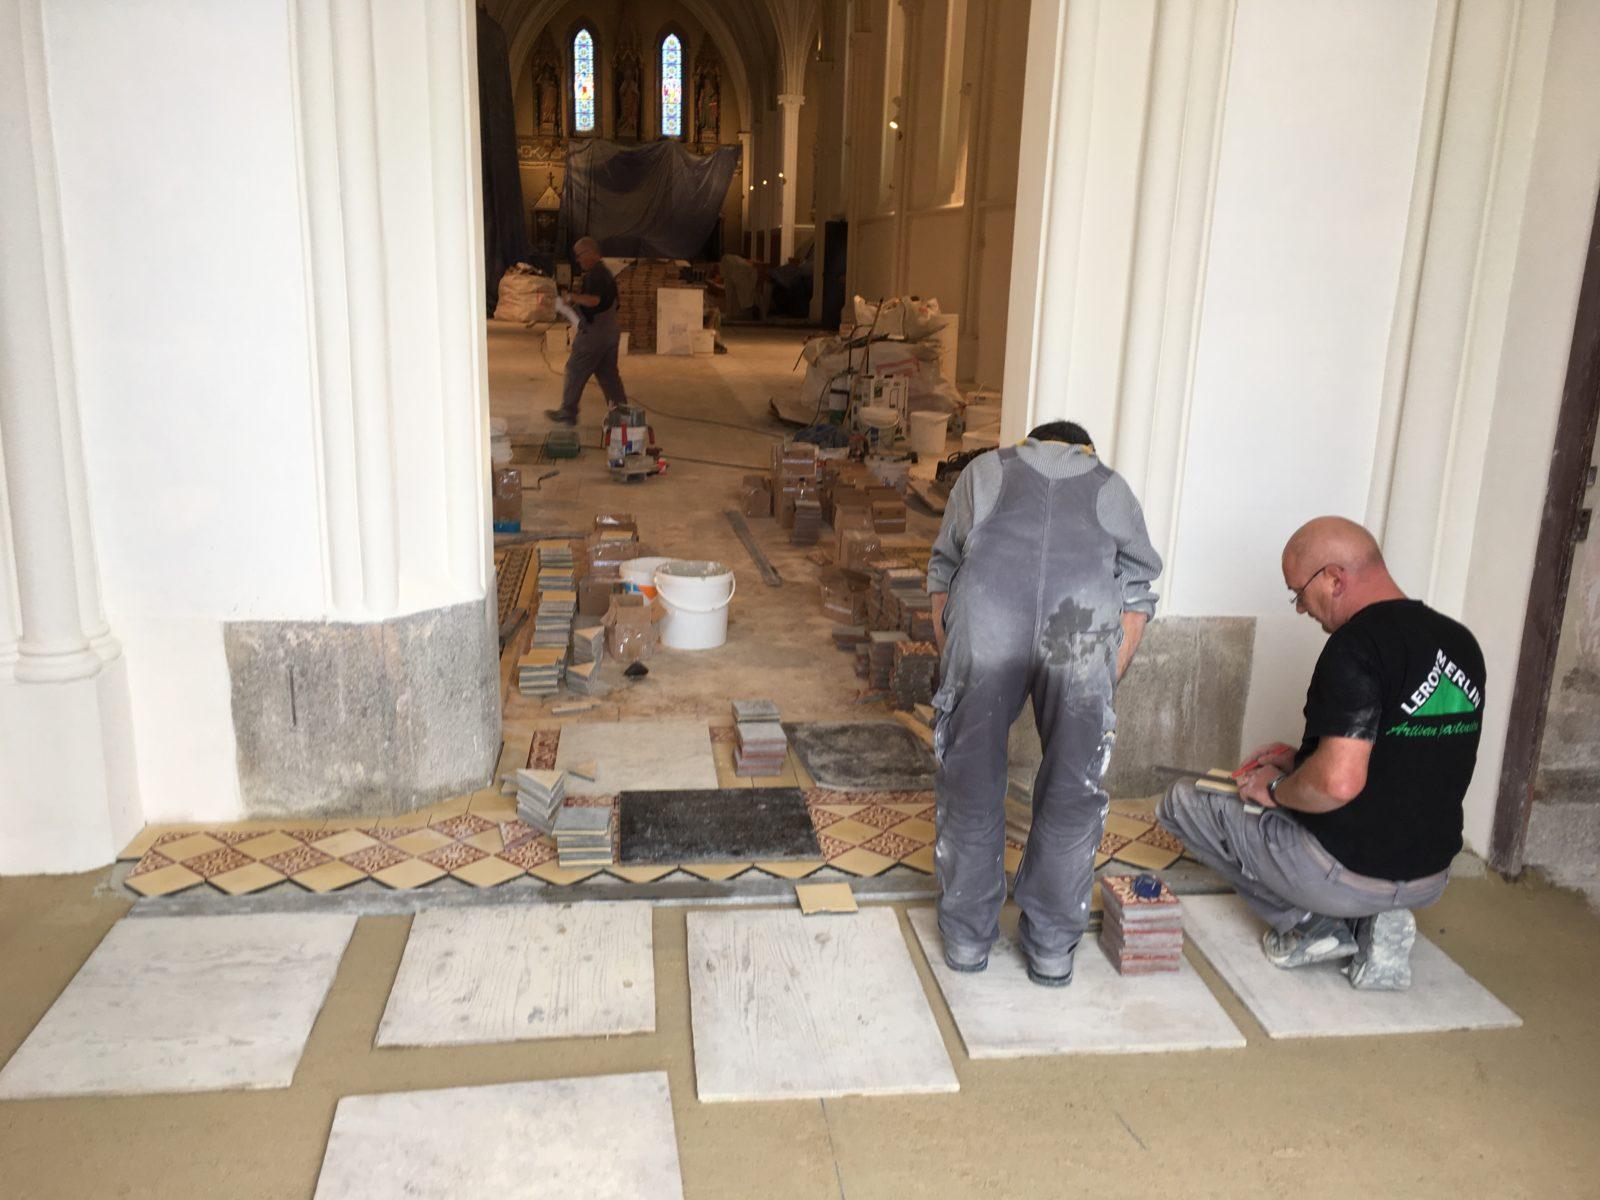 Pose des carreaux de ciment - Restauration de toile marouflée - Église Saint Vigor - Bodin